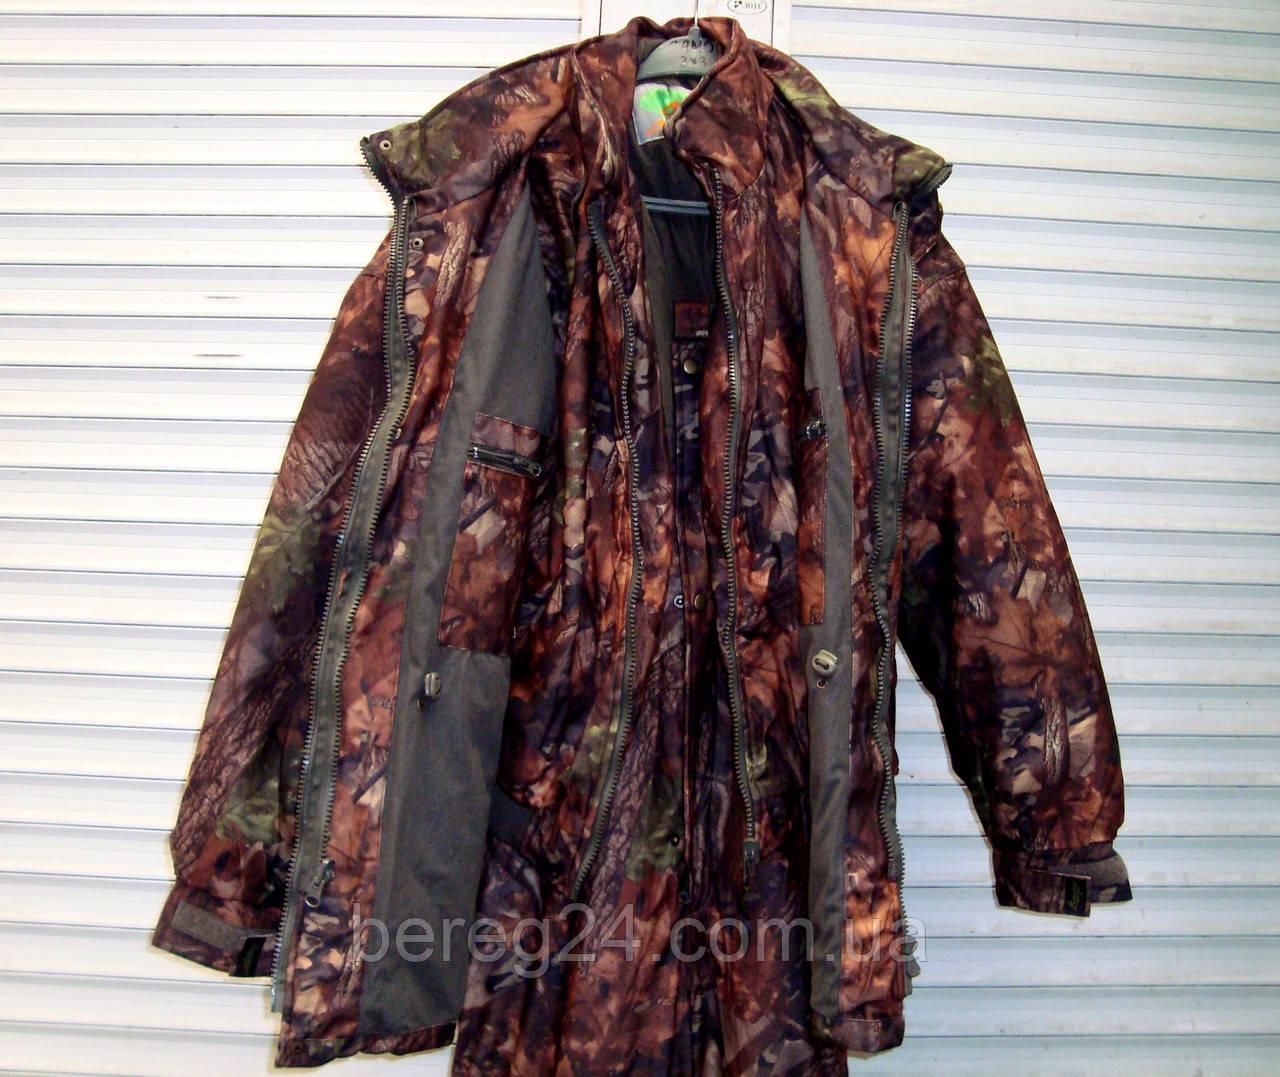 Зимний костюм с внутренней курткой для охоты, рыбалки, активного отдыха ANT Bison, размер XXXXL, кленовый лес